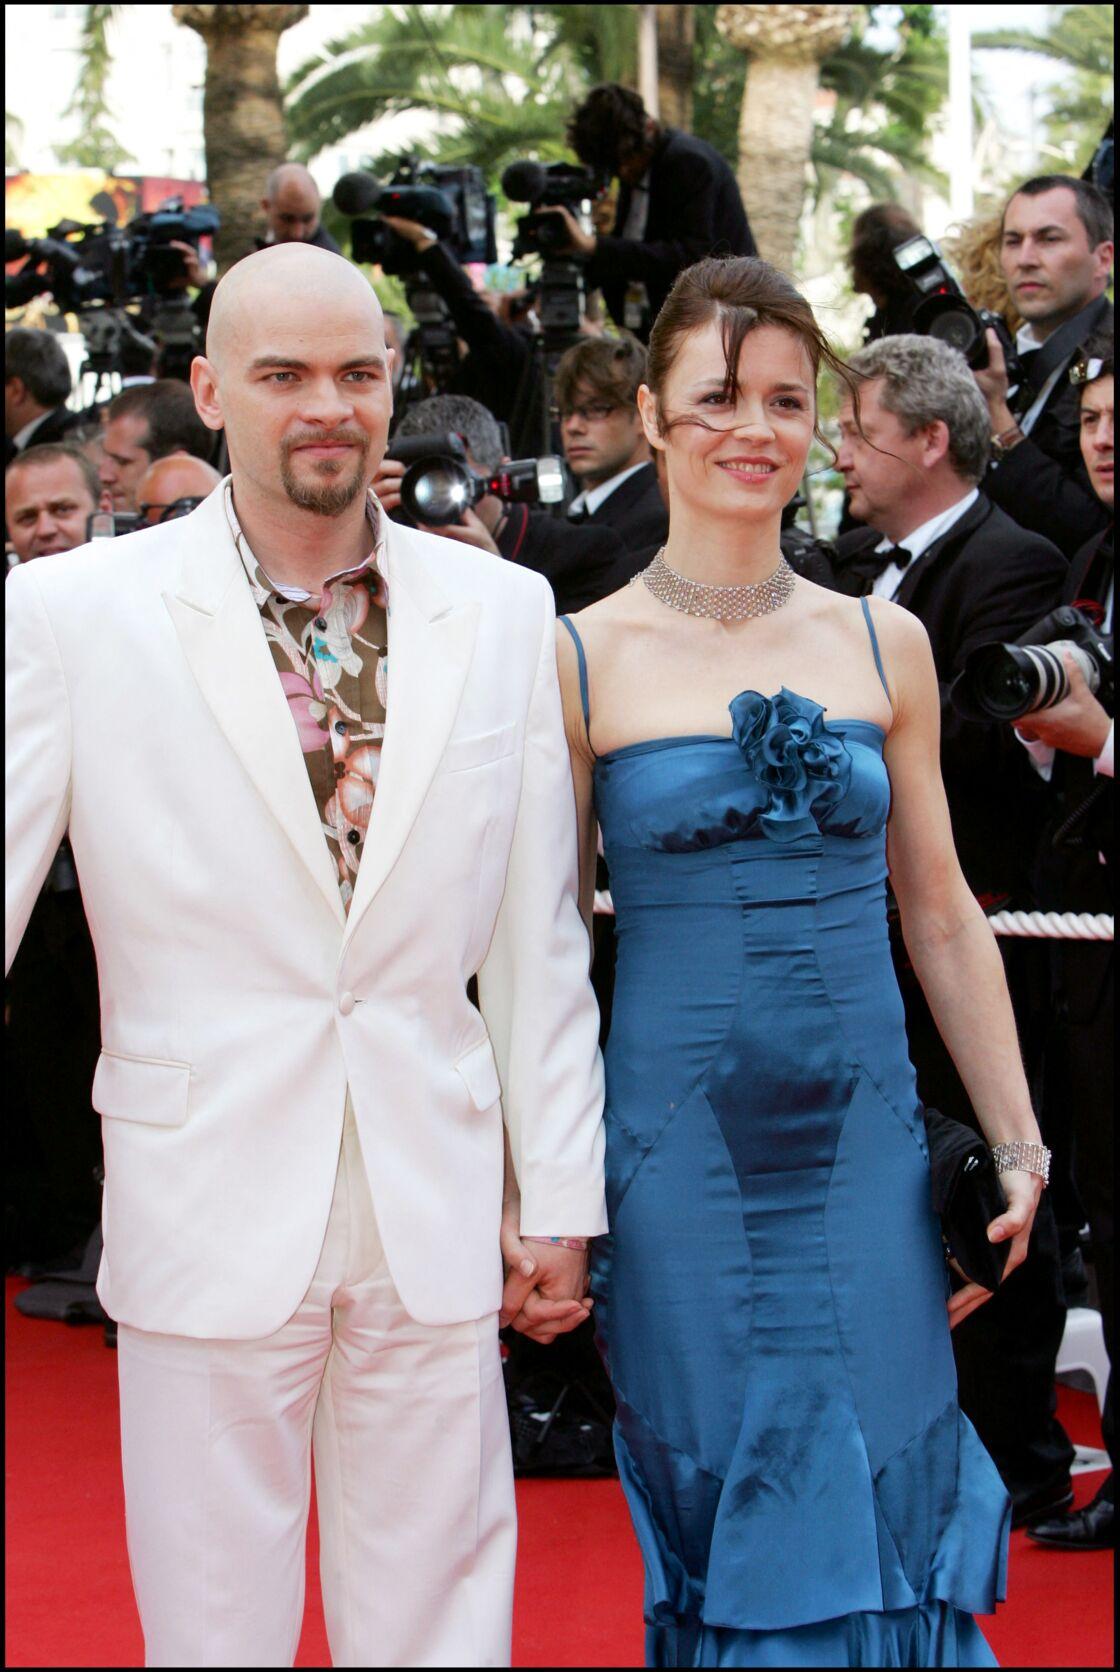 Clovis Cornillac et Caroline Proust réunis sur le tapis rouge du Festival de Cannes en 2006.